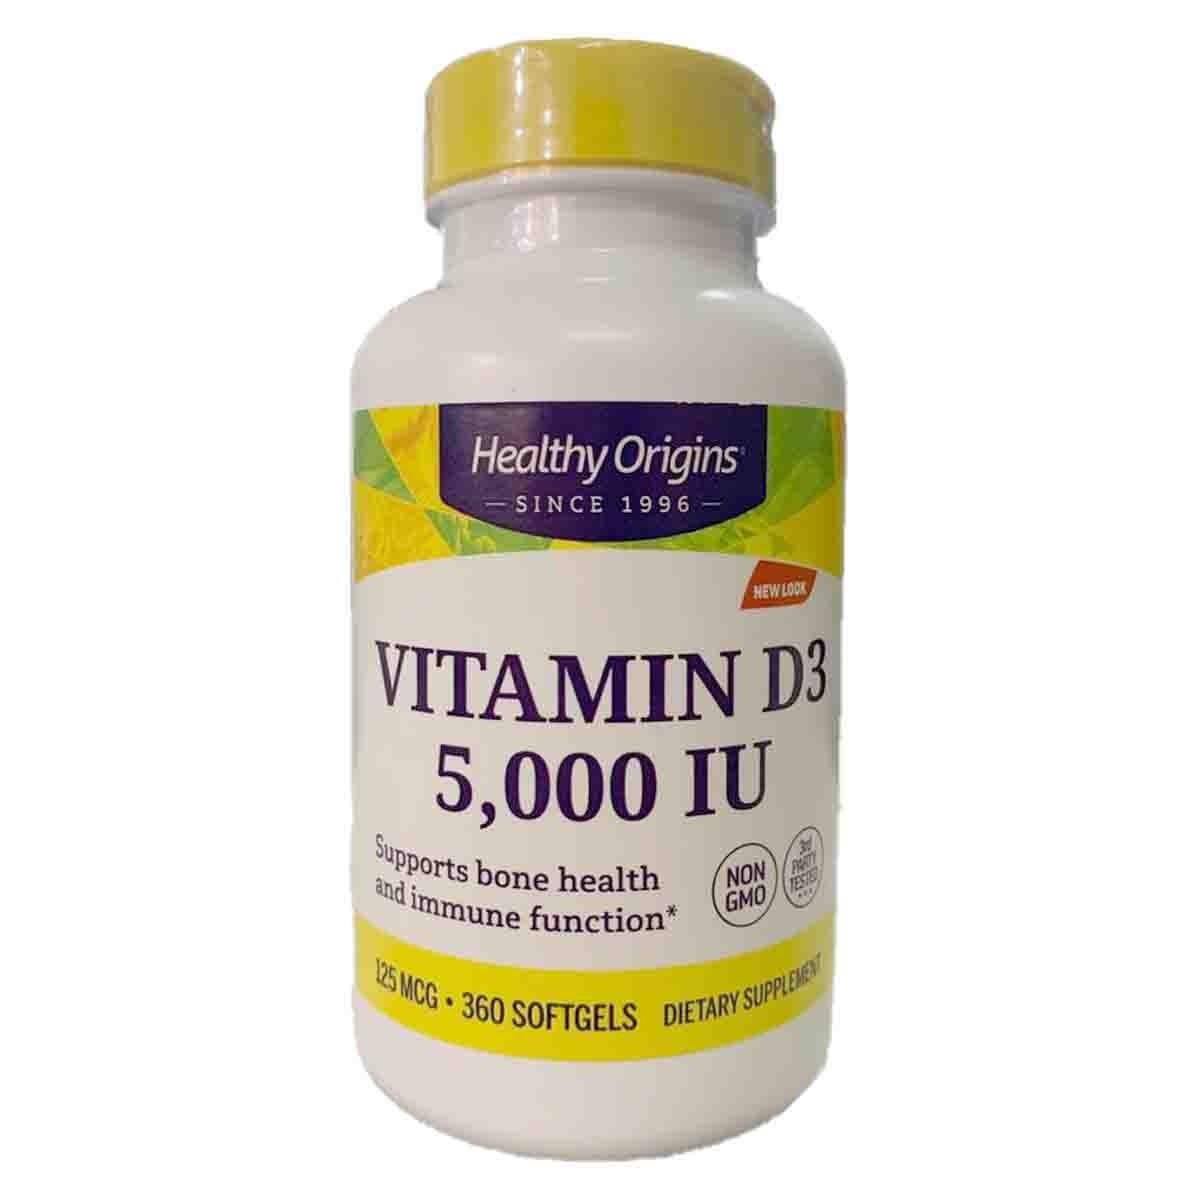 Vitamin D3 5000 UI 360 Softgels - Healthy Origins